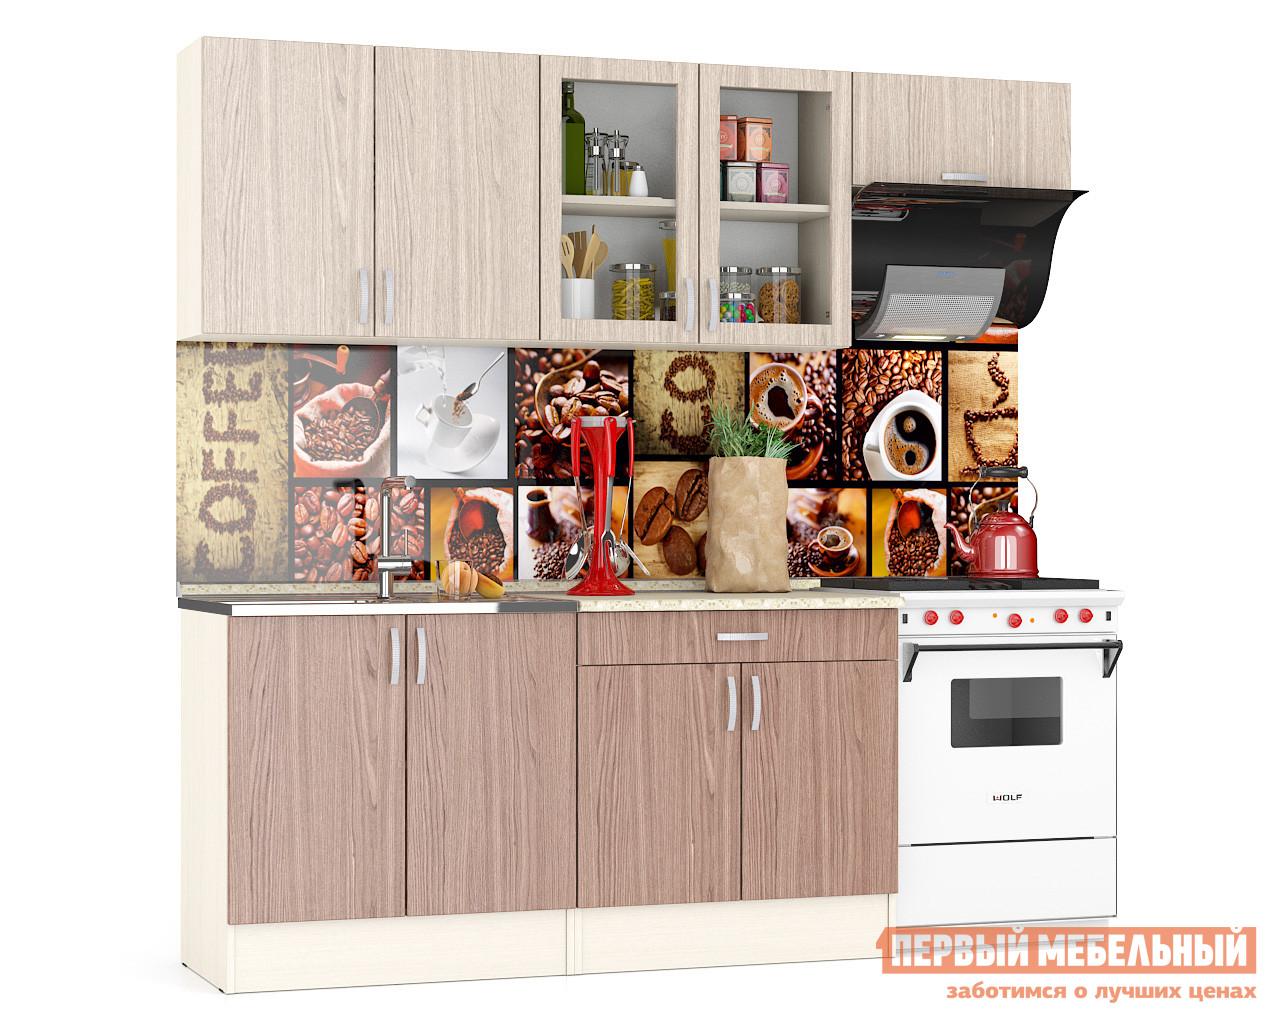 Кухонный гарнитур Бит и Байт Kler кухонный гарнитур трия фэнтези 120 см